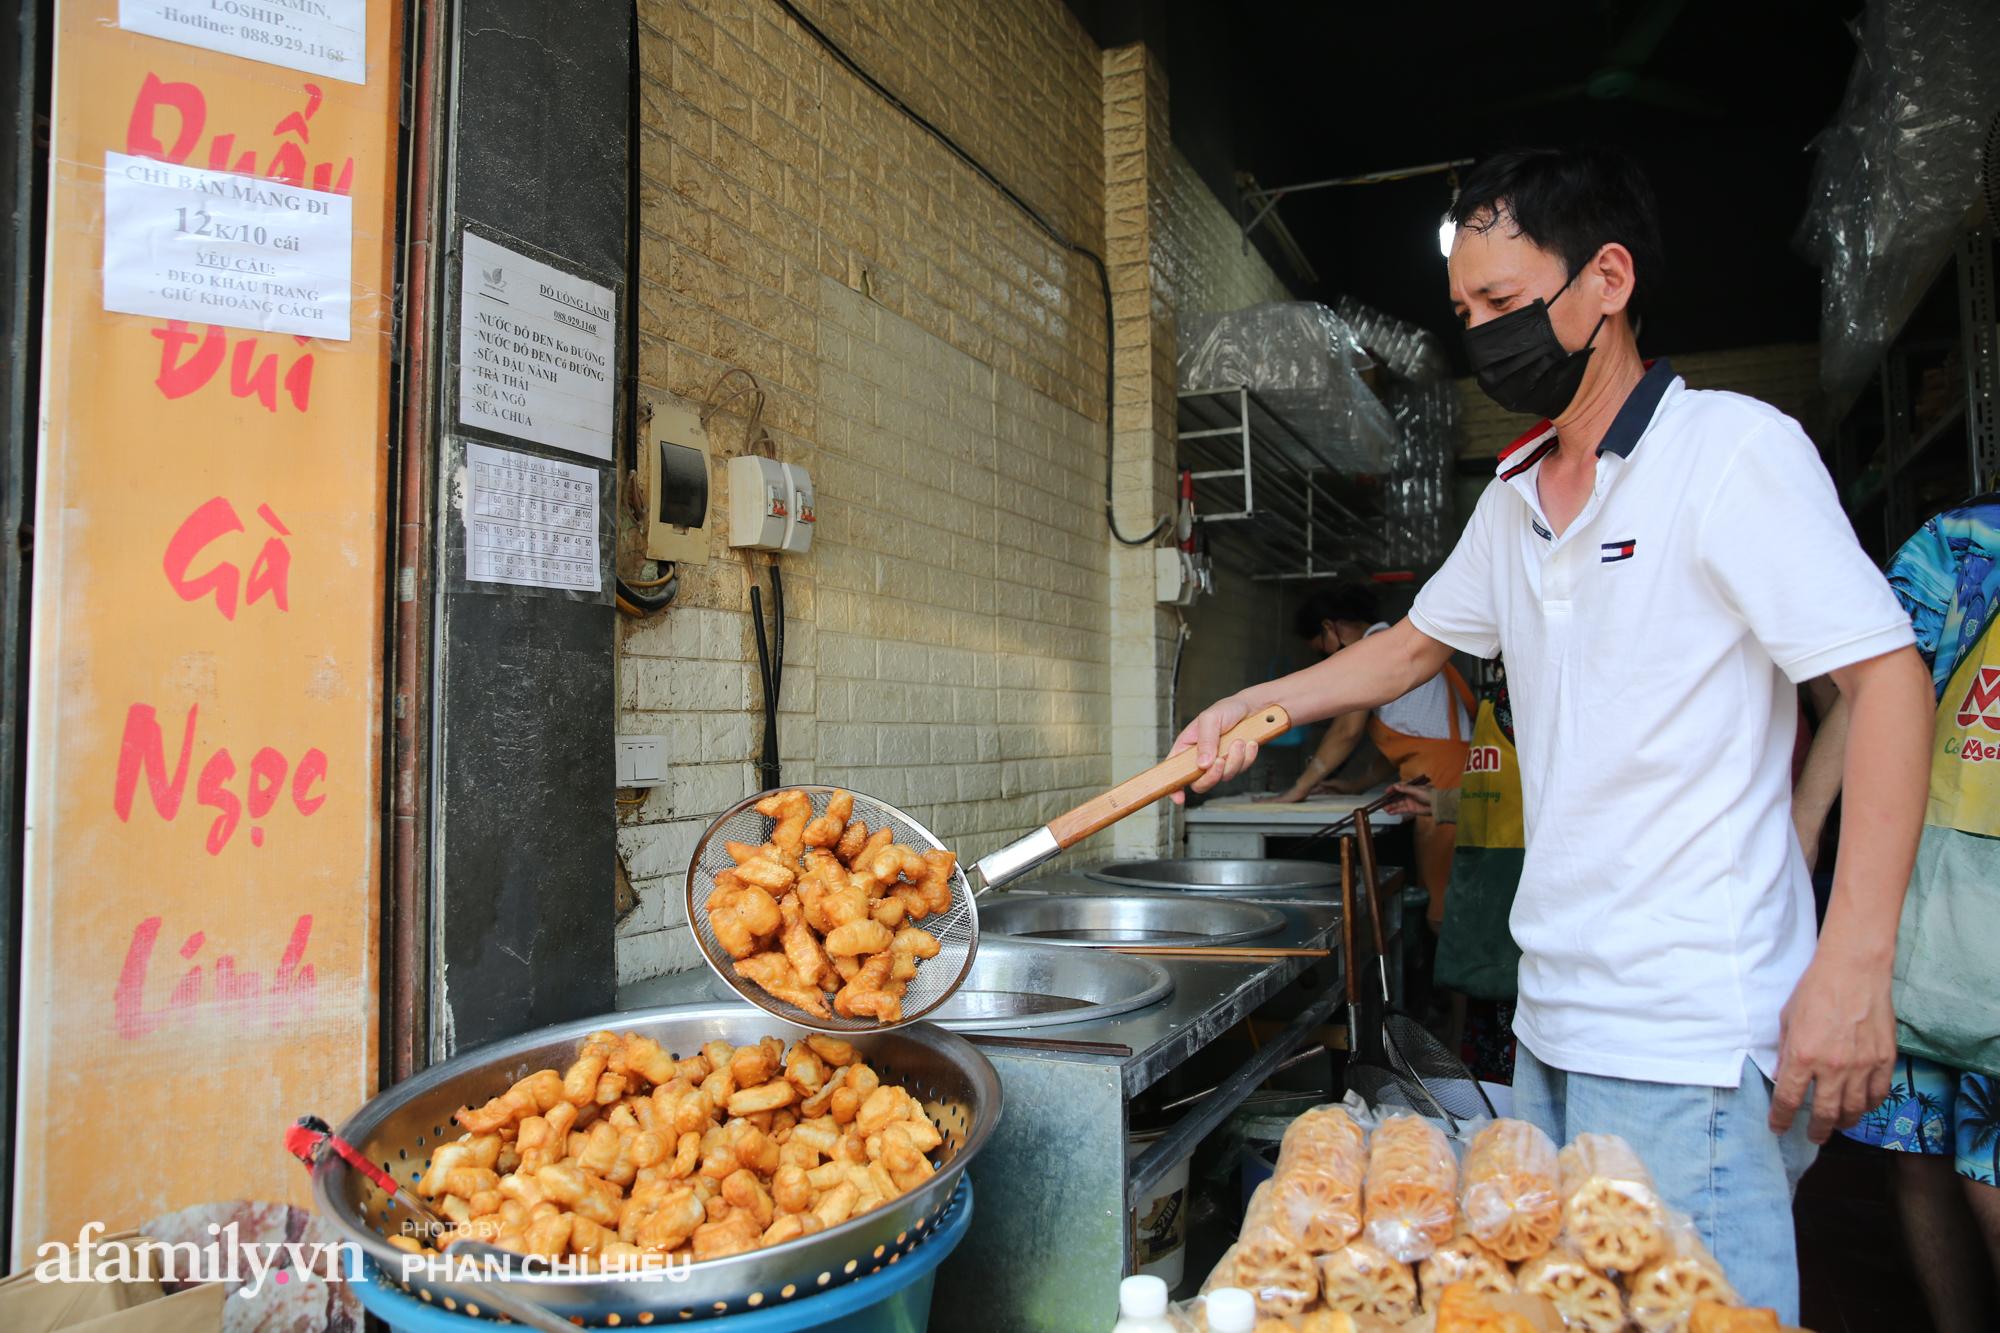 """Quán quẩy đùi gà 30 năm nức tiếng tại Hà Nội, ngày bán ra lò đều tay 2 vạn chiếc, """"mùa Covid-19"""" nhưng làm cả ngày cũng chẳng hết việc - Ảnh 2."""